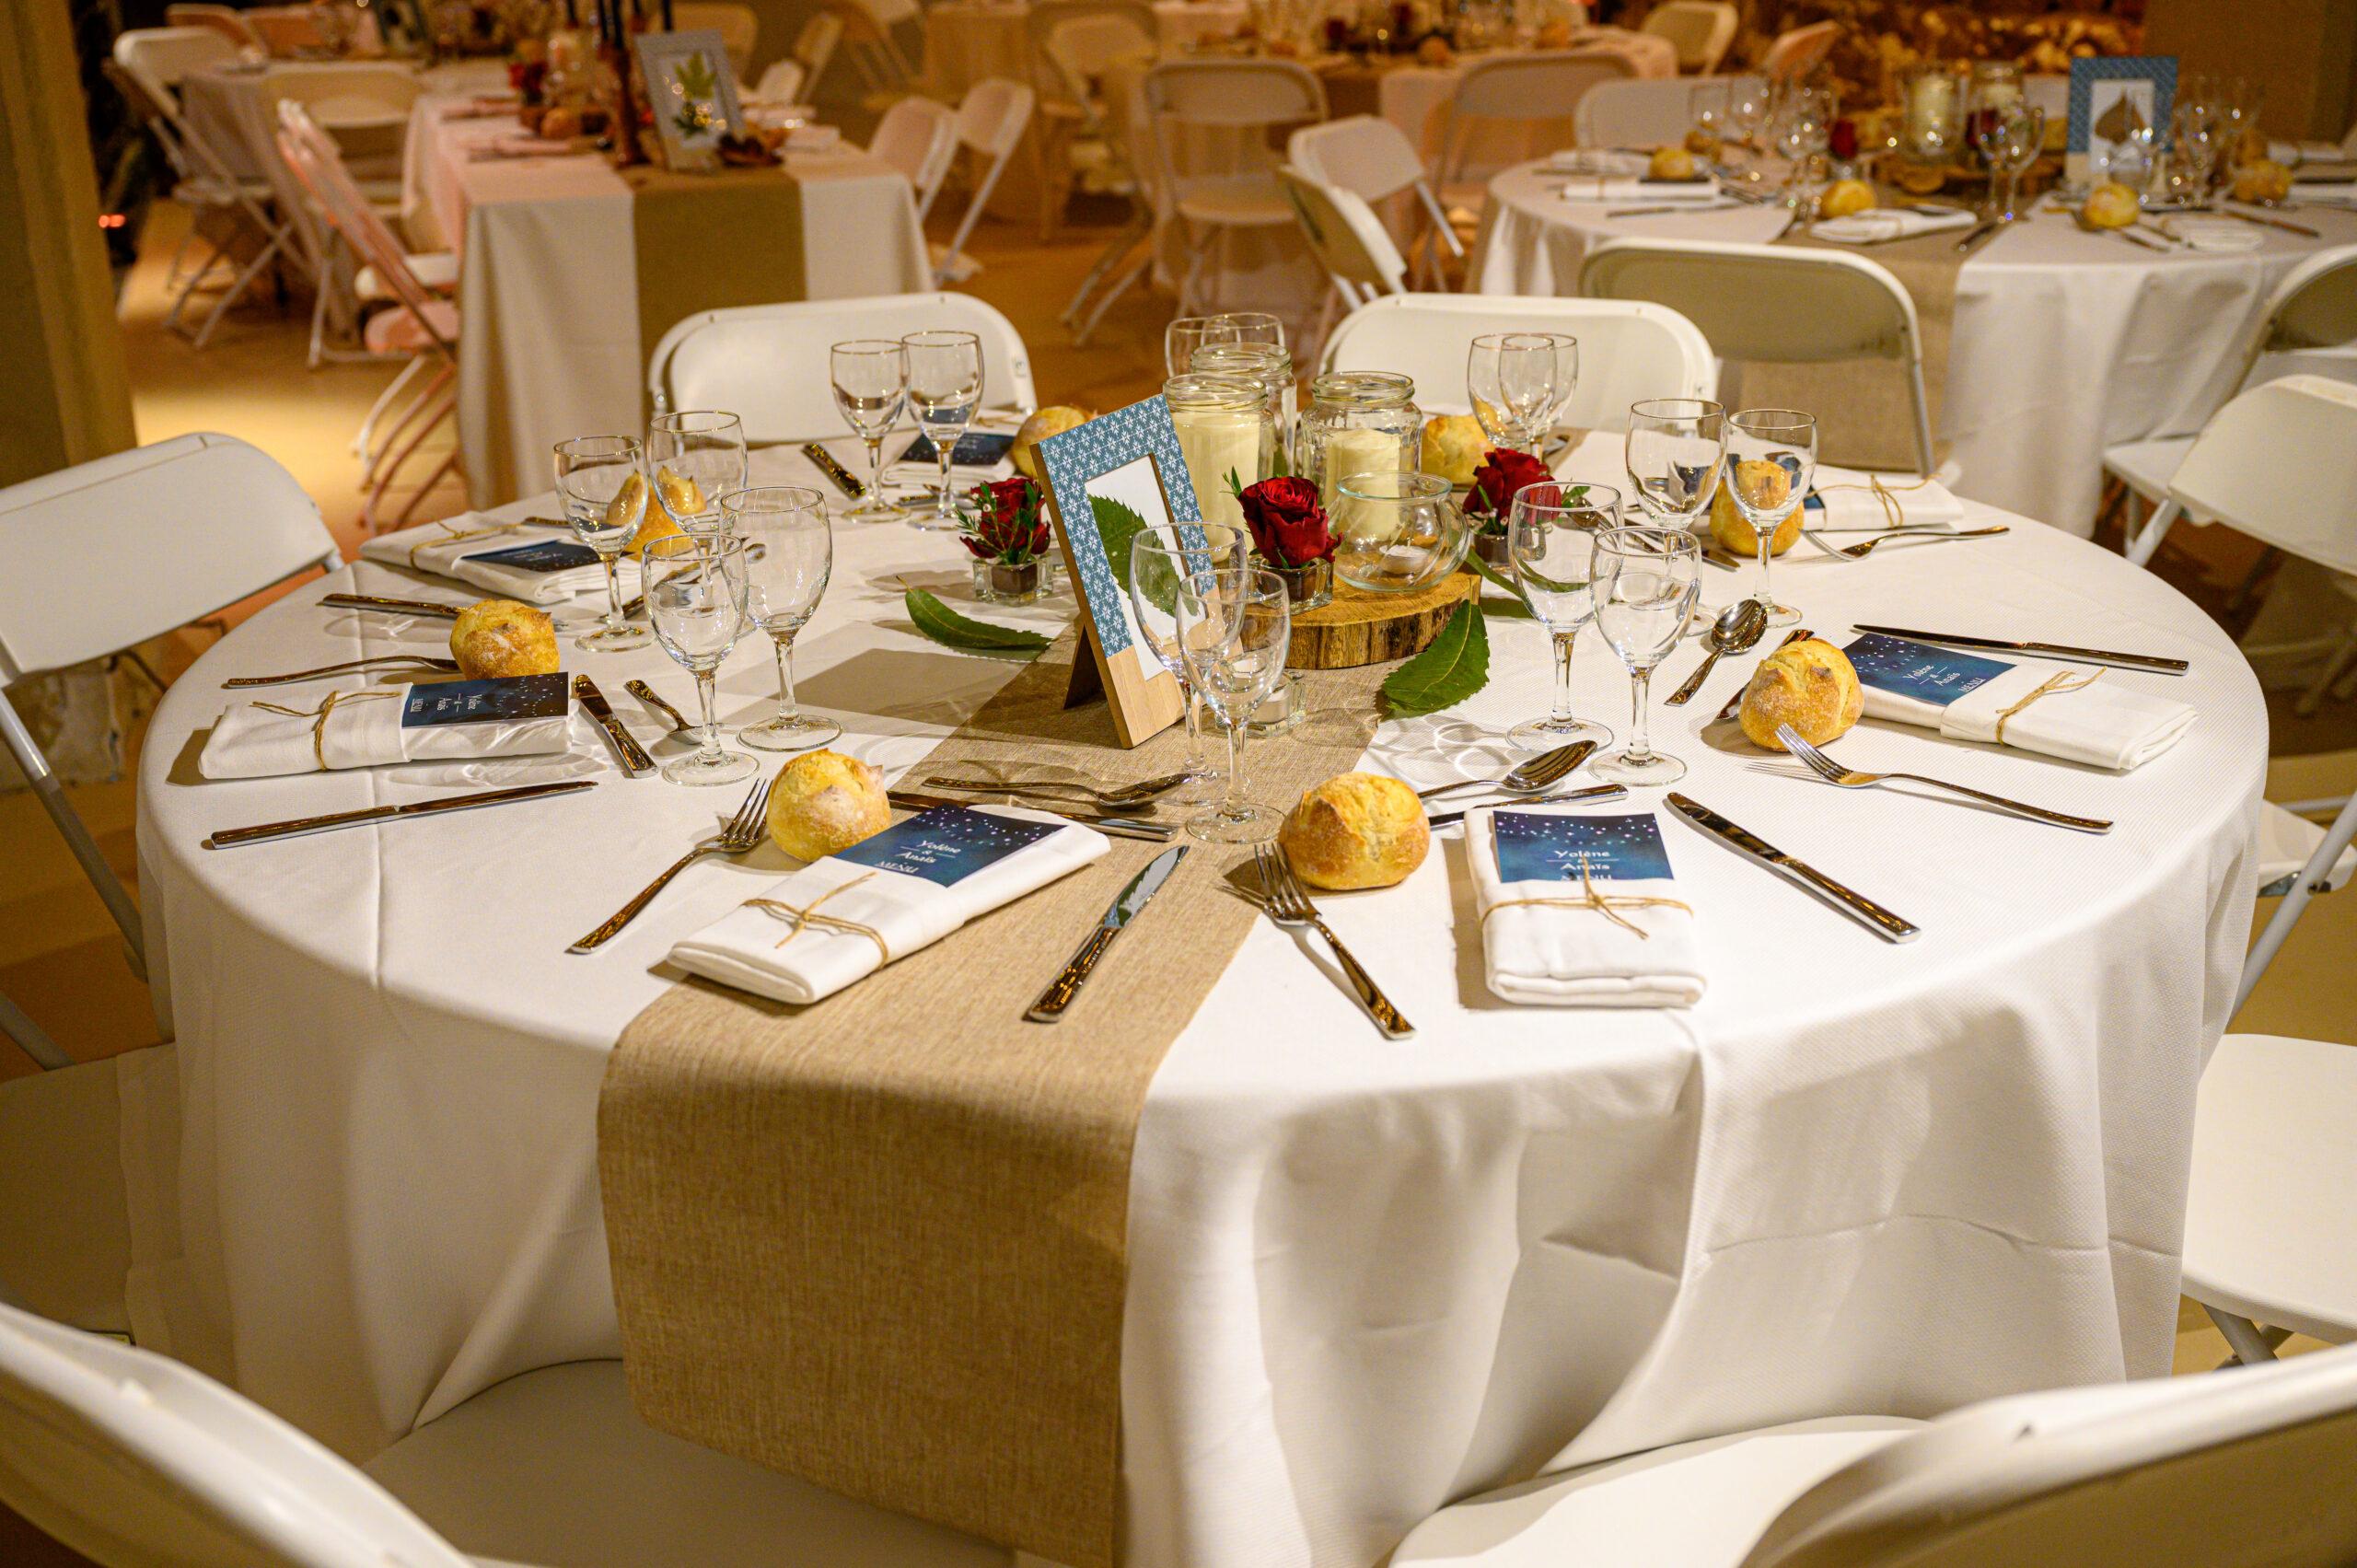 Décoration nature pour salle de réception d'un mariage dans le Beaujolais par Art Song Production